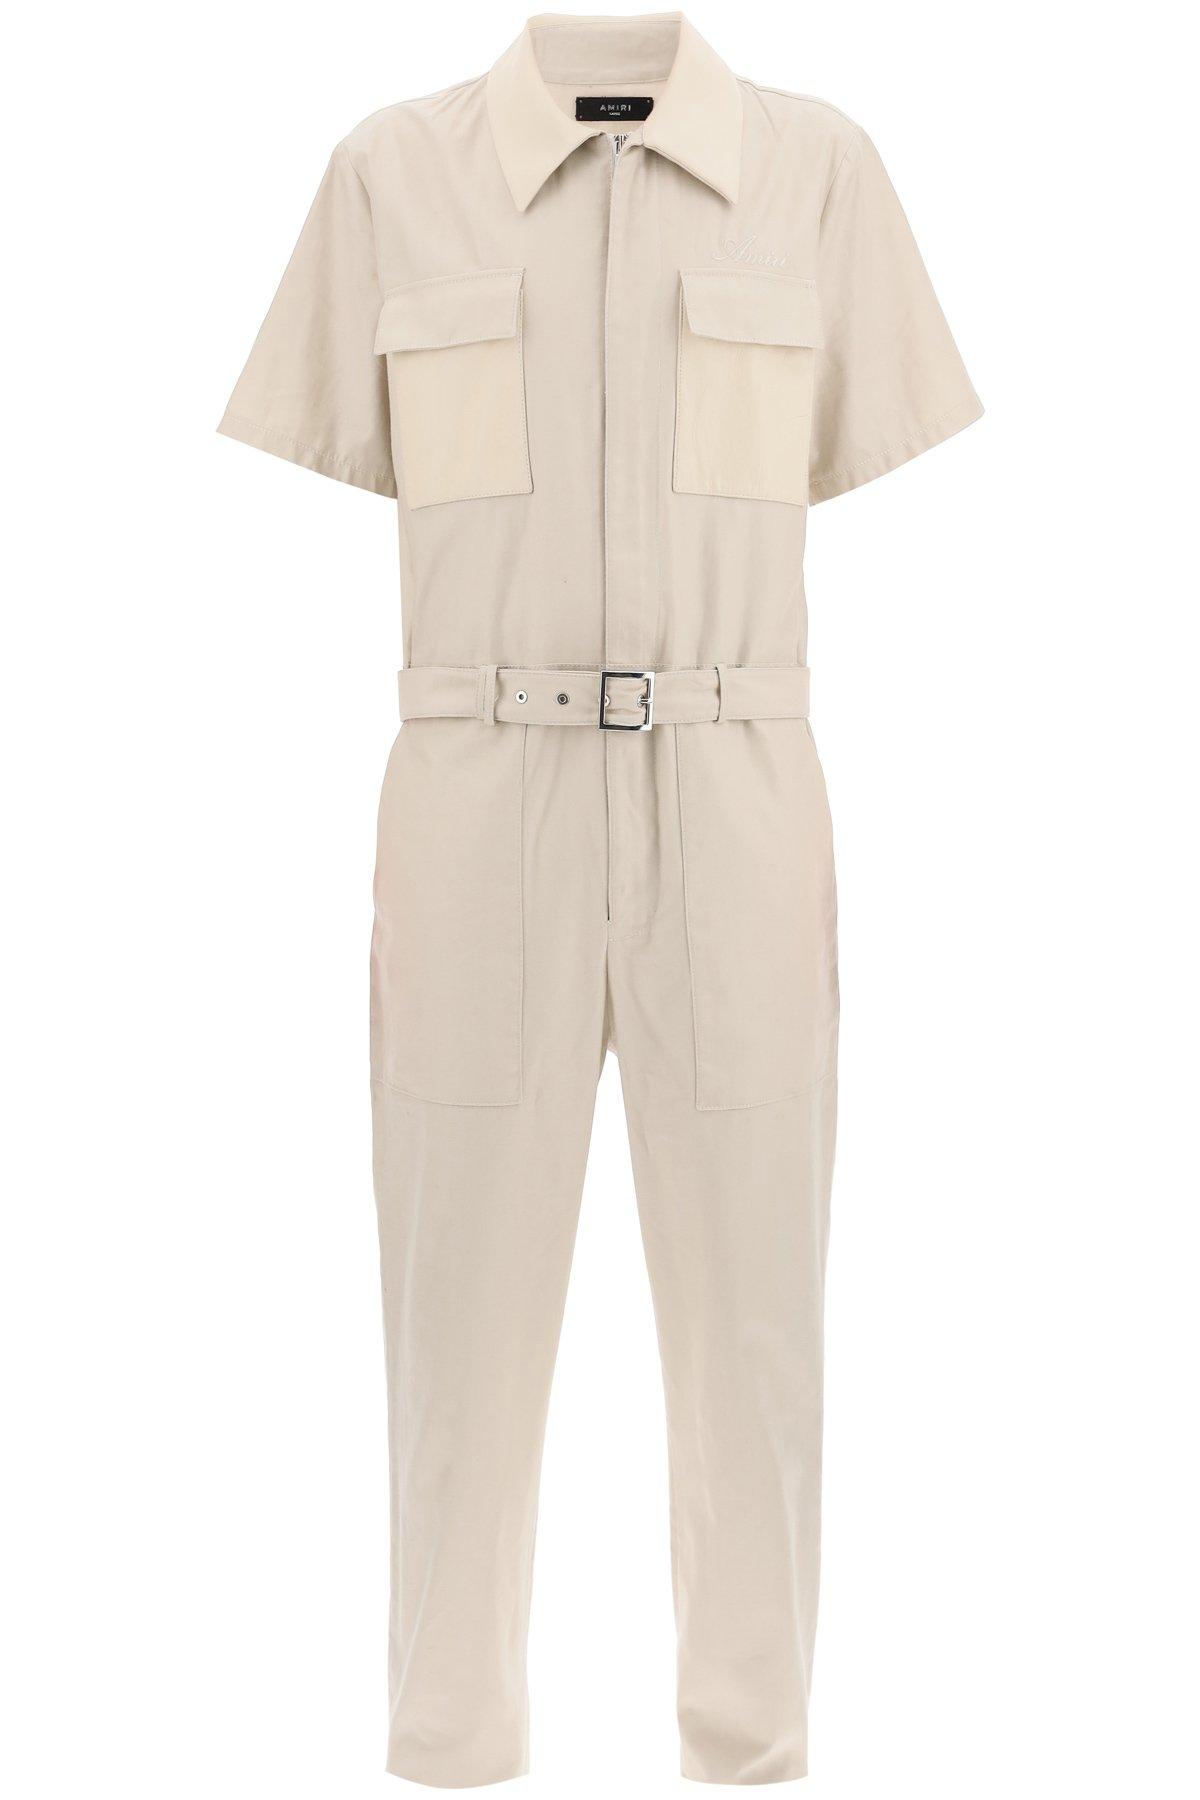 Amiri boiler suit